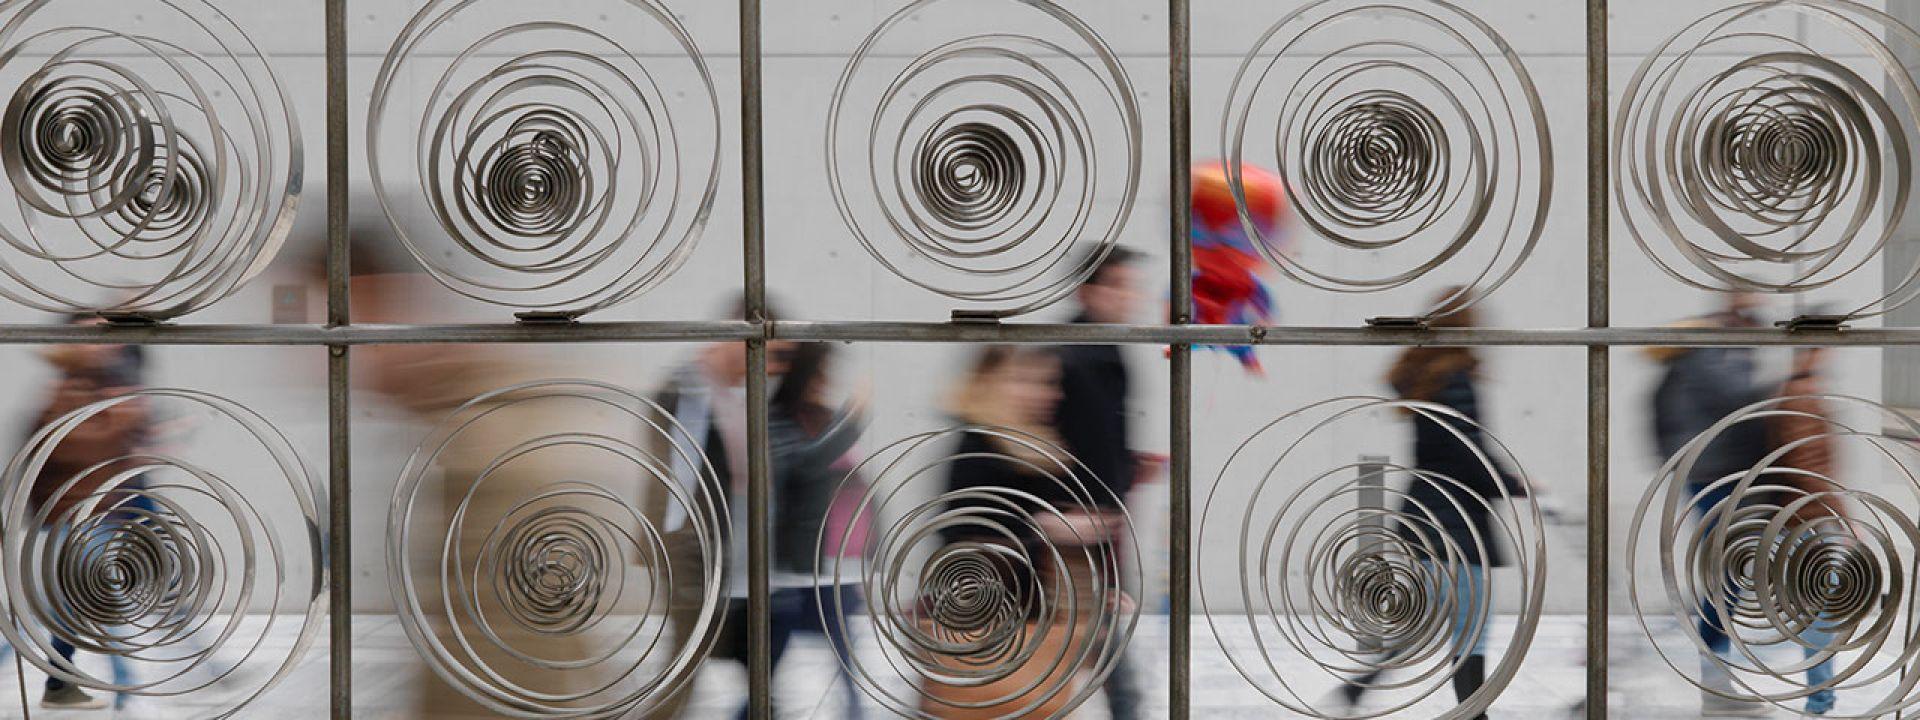 Φωτογραφία από γλυπτό του Ζογγολόπουλου στο Κέντρο Πολιτισμού Ίδρυμα Σταύρος Νιάρχος